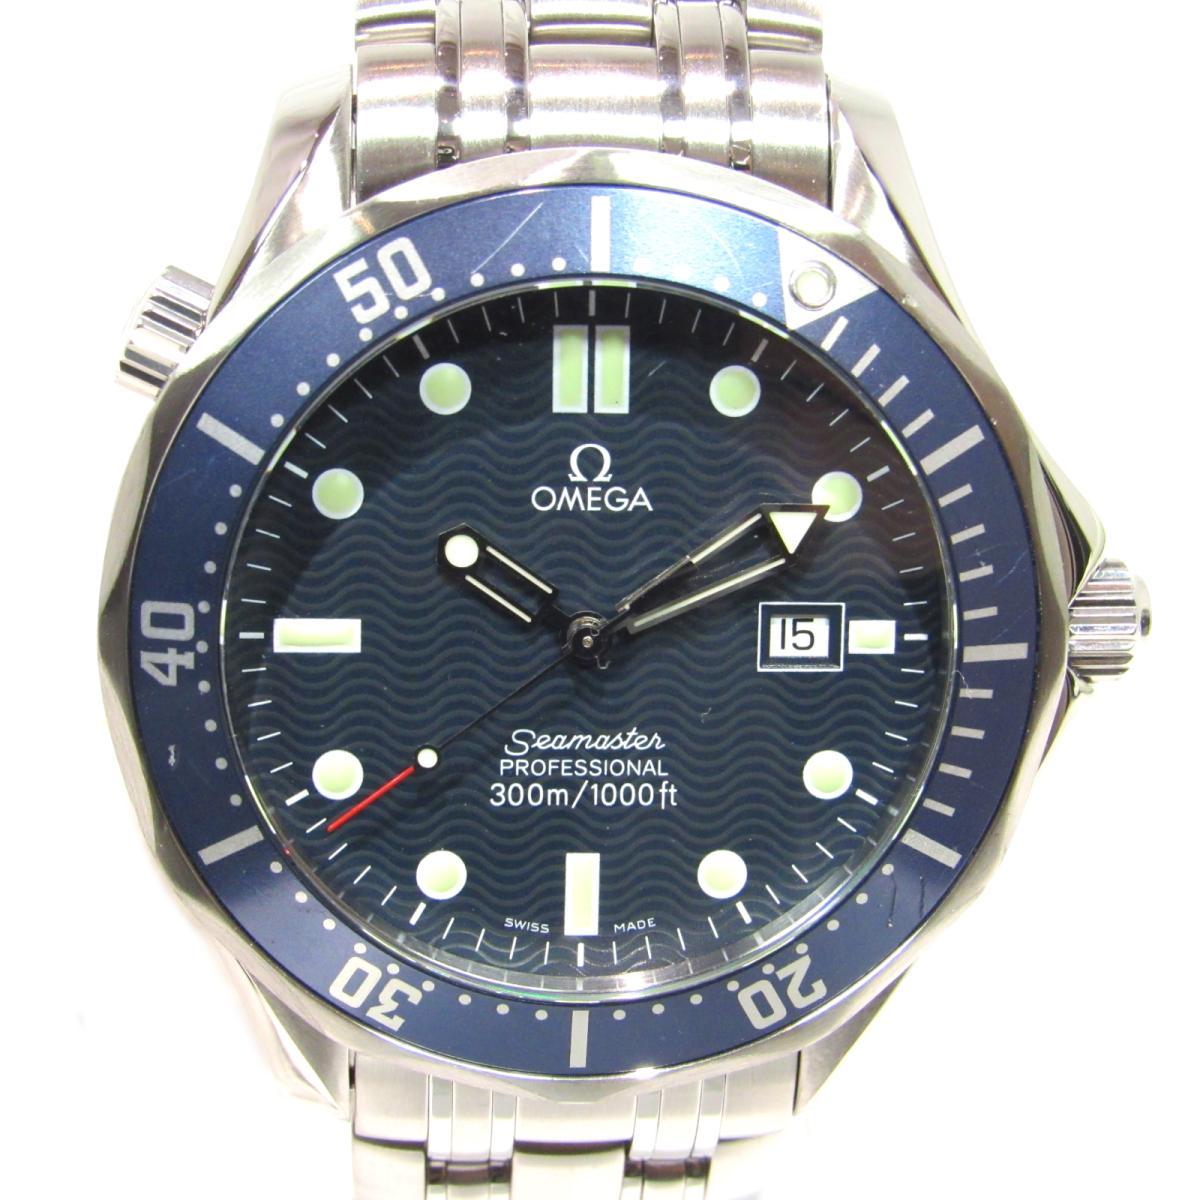 【中古】 オメガ シーマスター 300mプロフェッショナル 腕時計 ウォッチ メンズ ステンレススチール (SS) ブルー x シルバー (2541.80) | OMEGA クオーツ クォーツ 時計 シーマスター 300mプロフェッショナル 美品 ブランドオフ